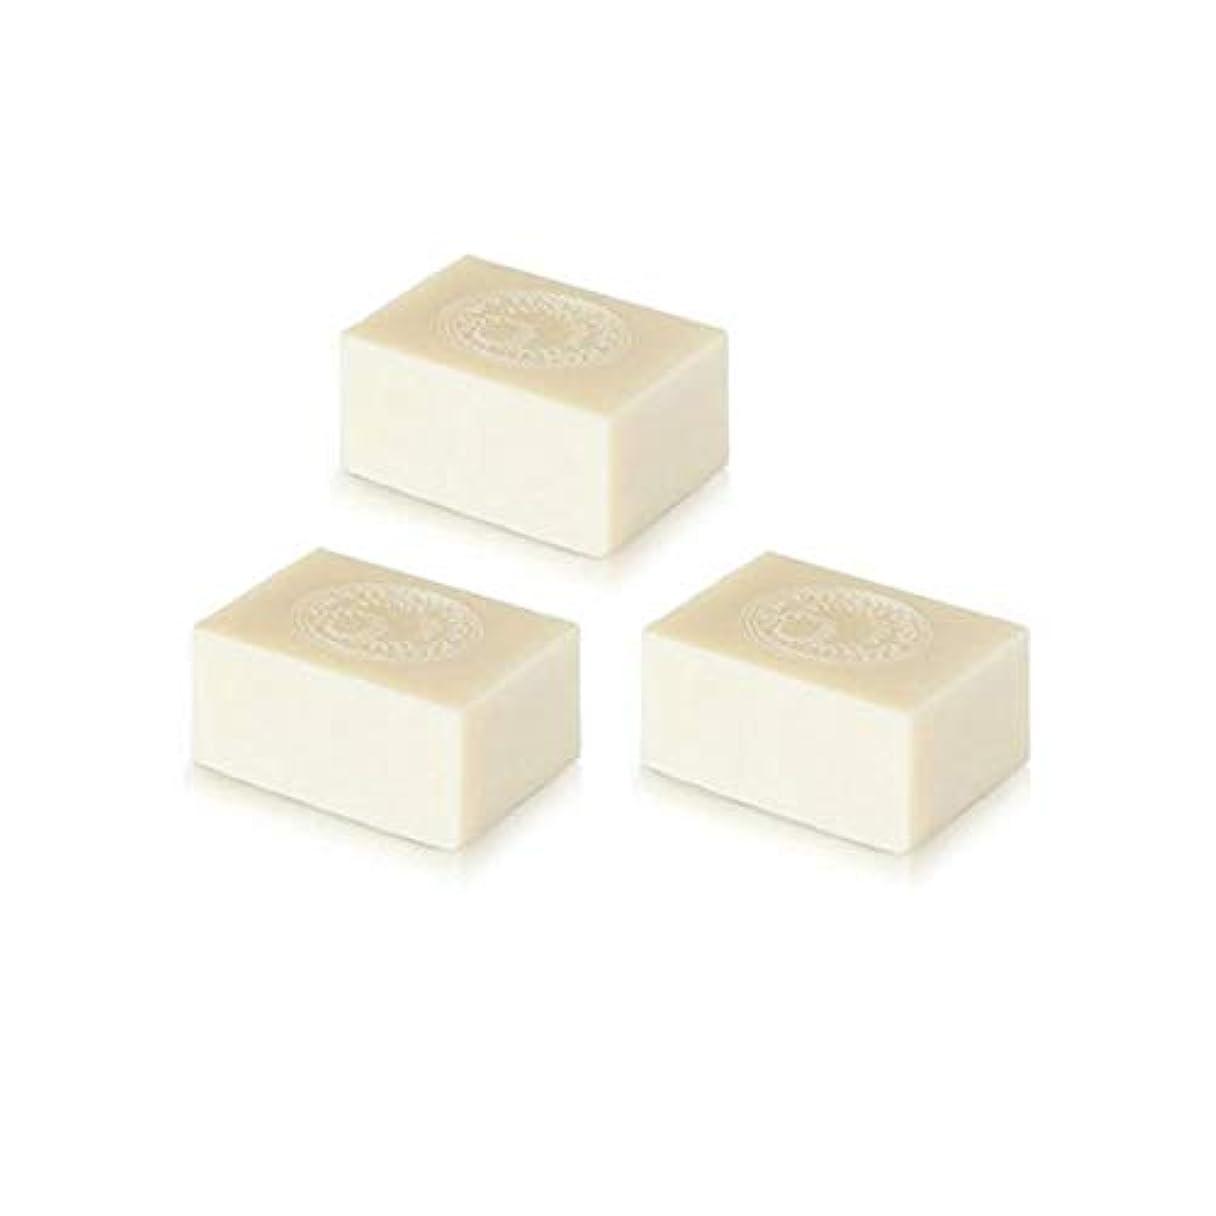 高価な虎魂アルガン石鹸3個セット( 145g ×3個) アルガンオイルの完全無添加石鹸